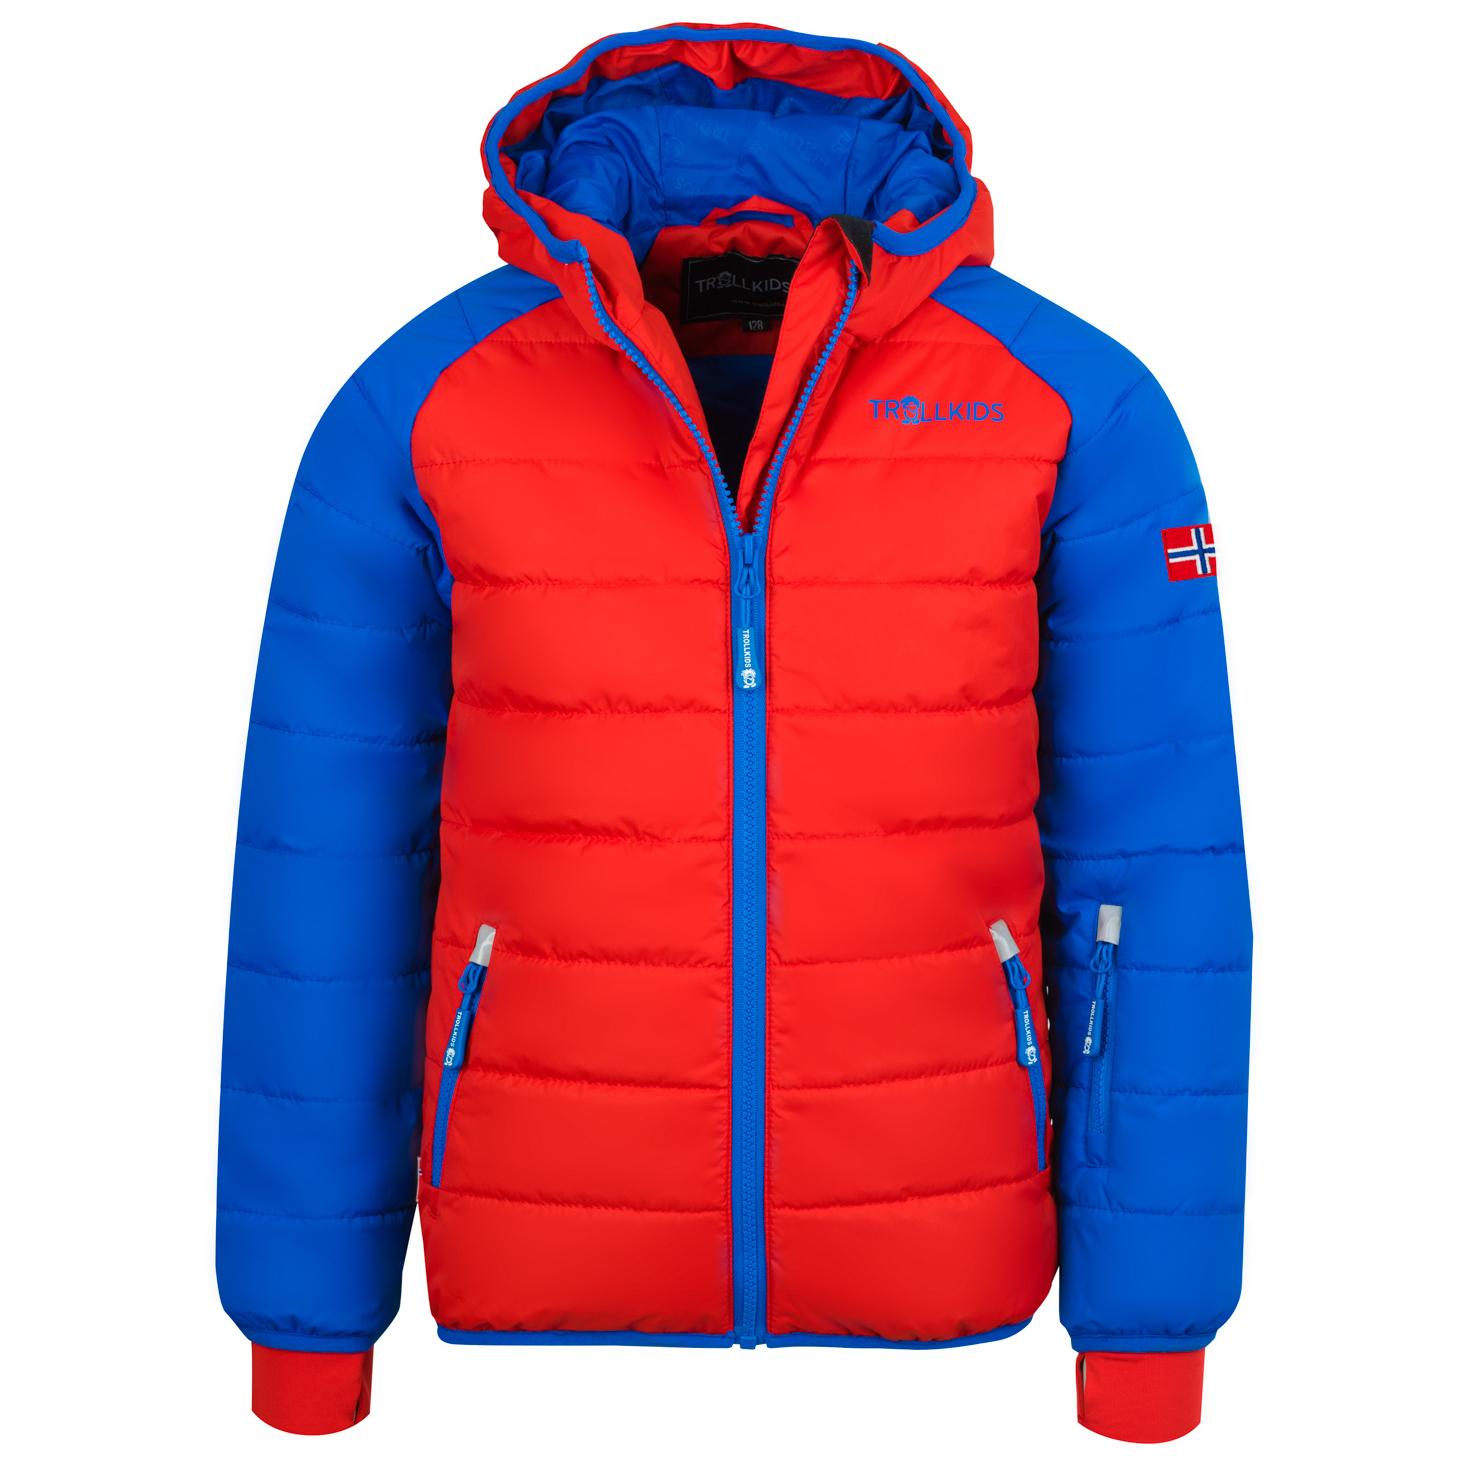 klassisch heißer verkauf rabatt bester Service Trollkids - Kid's Hafjell Snow Jacket XT - Ski jacket - Navy / Med Blue /  Green | 104 (EU)